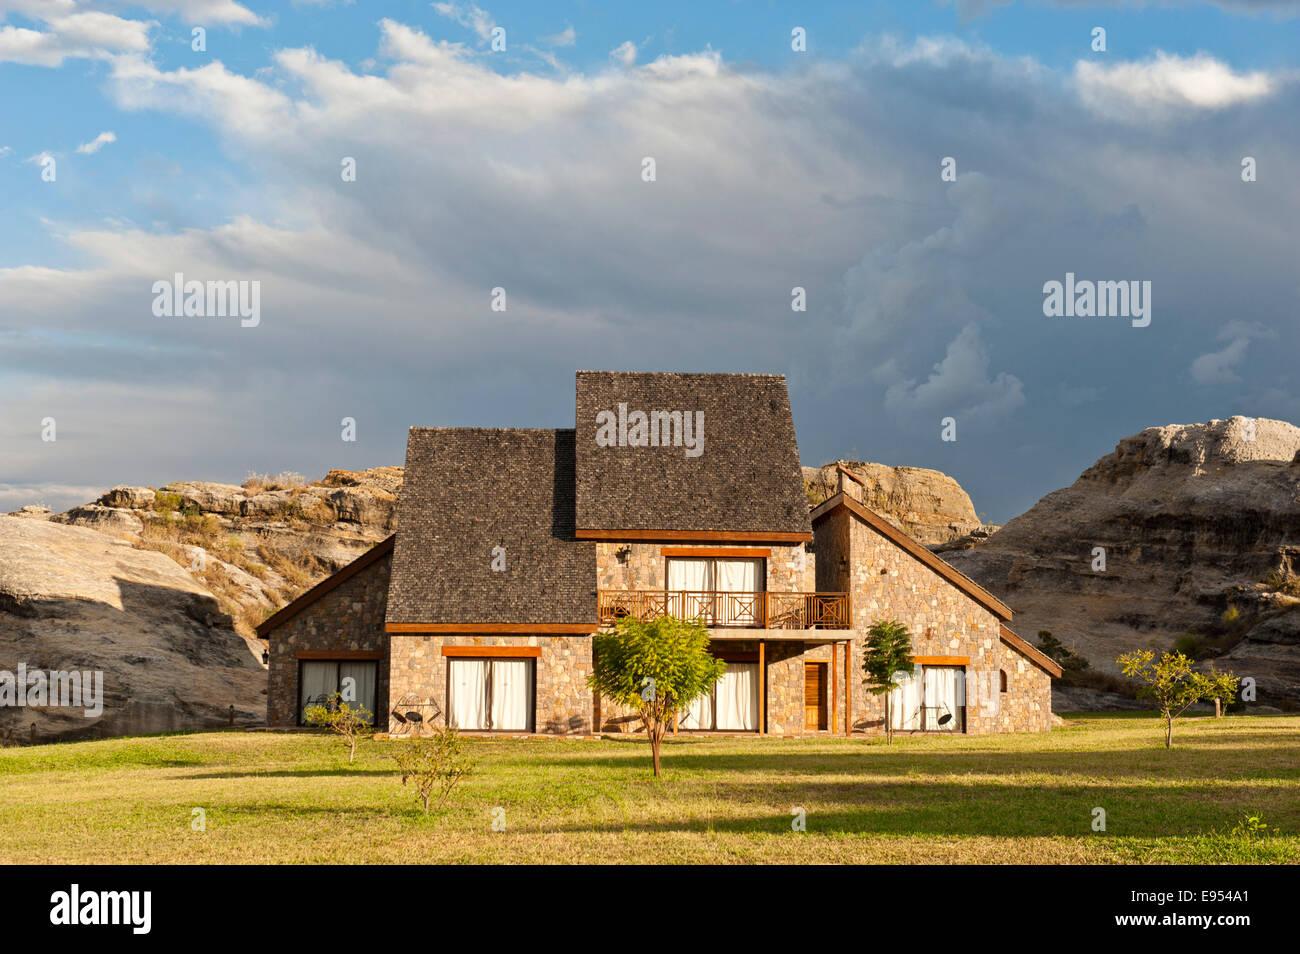 Appartement Maison, l'architecture moderne, l'Hôtel Jardin de Roi, près de Ranohira, Madagascar Banque D'Images